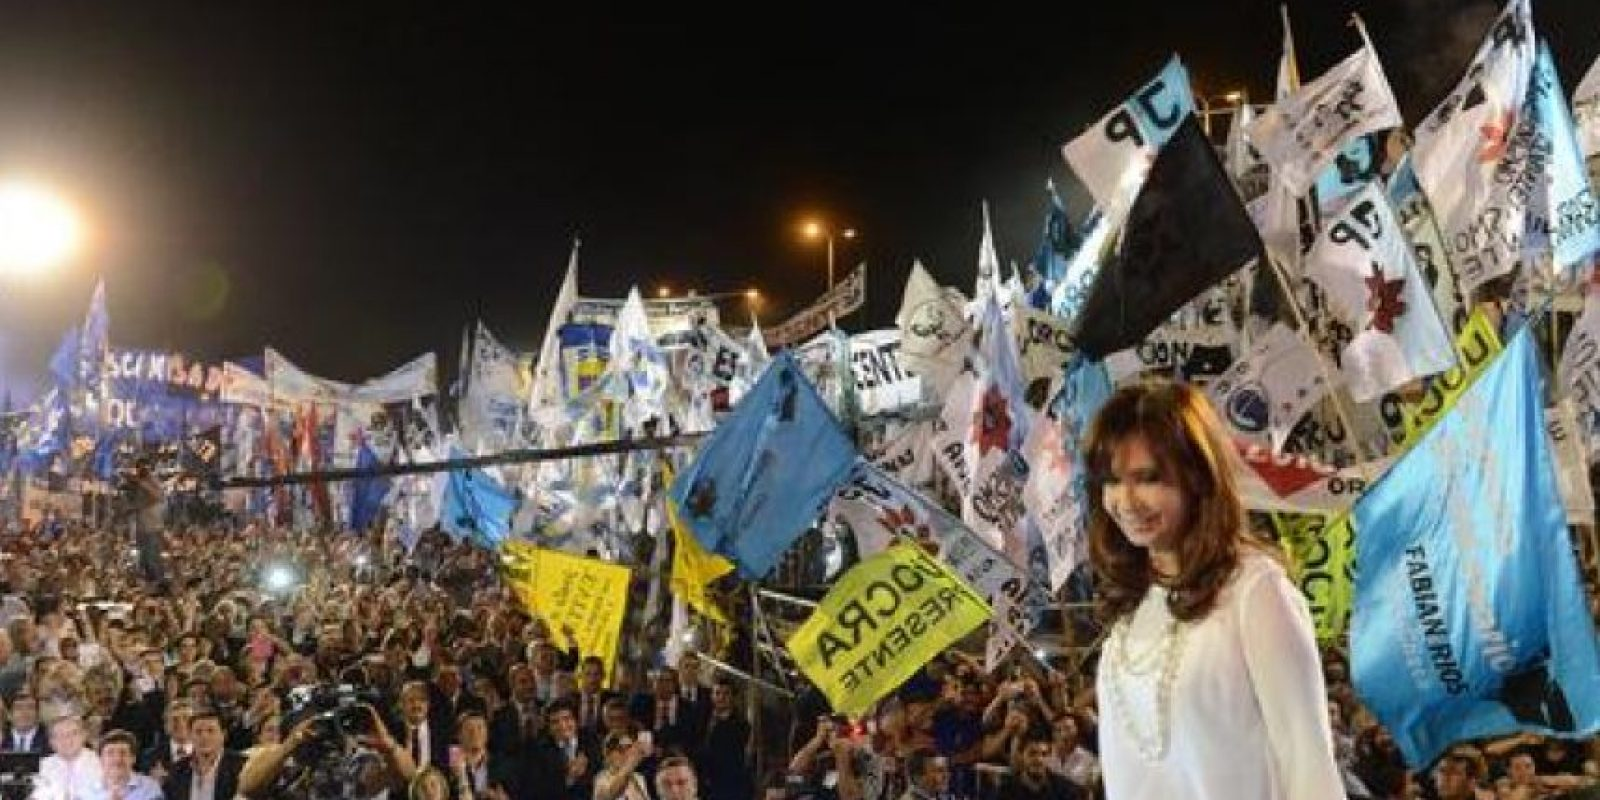 En 2007 asumió la presidencia de Argentina, puesto que había desempeñado su esposo Néstor Kirchnner. En 2011 decidió postularse a la reelección. Su periodo presidencial termina en 2015. Foto:Twitter @CFKArgentina